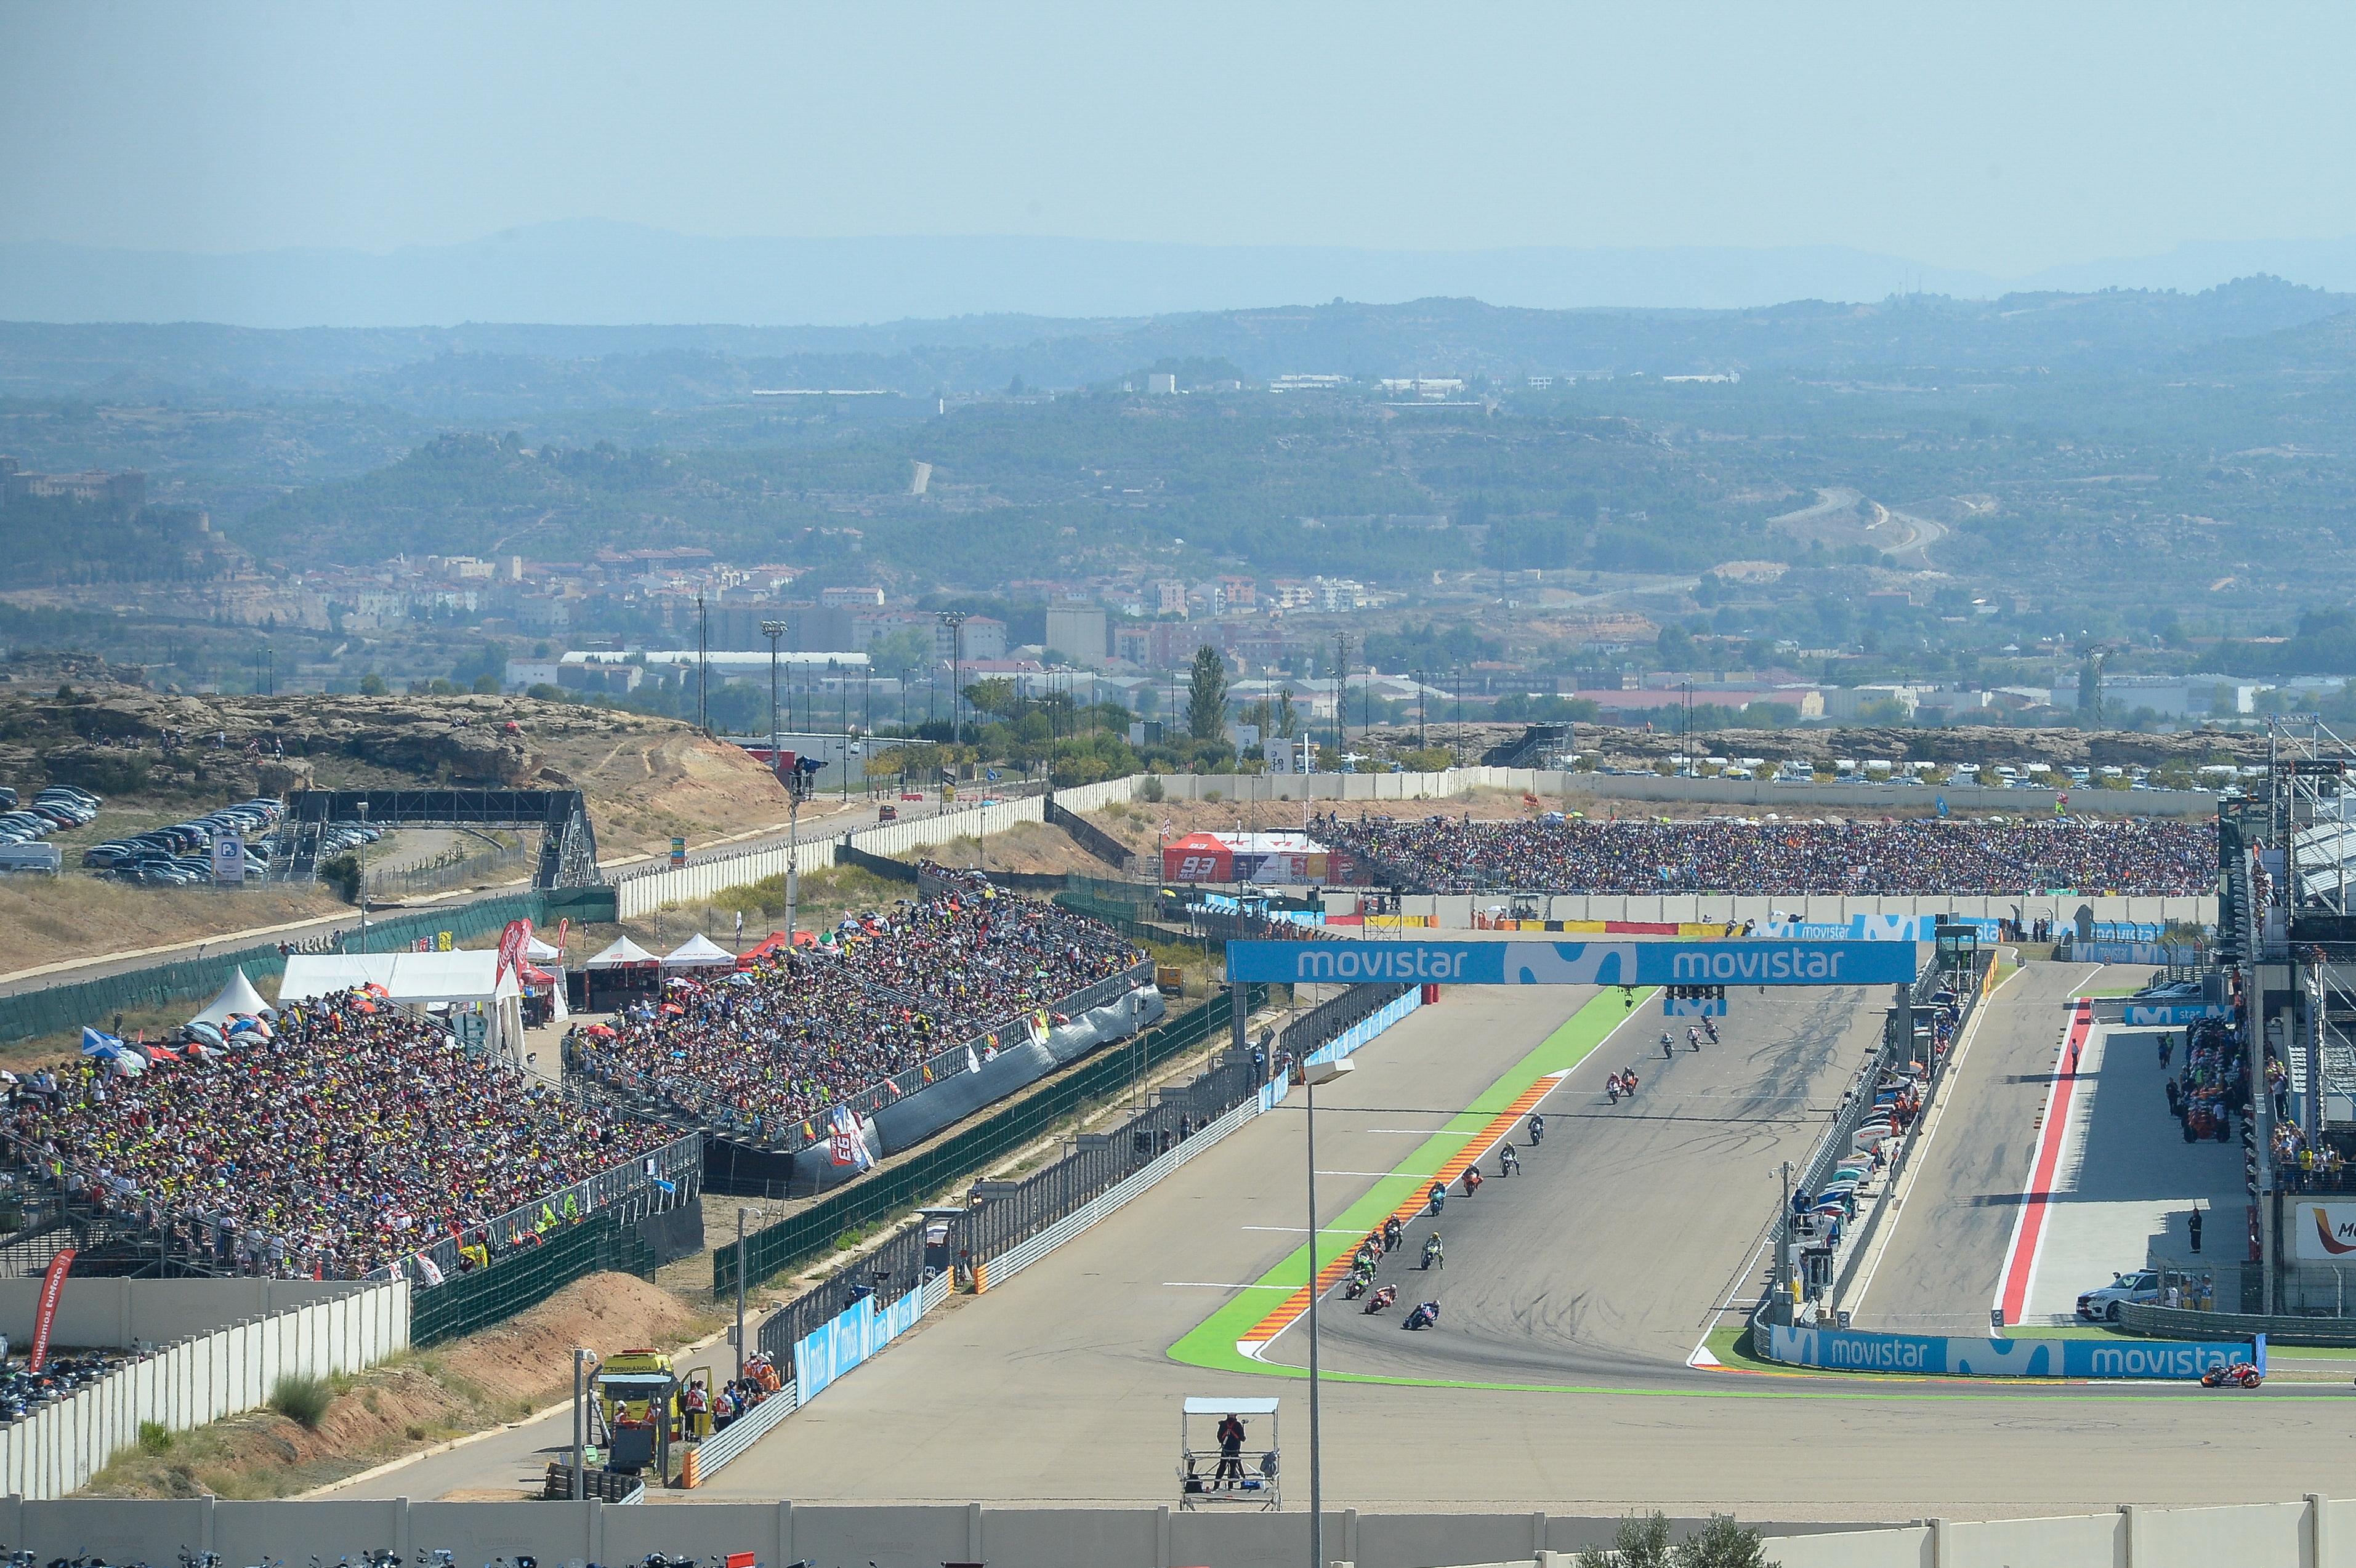 Calendrier Wtcr 2021 Les changements du calendrier du WTCR en détail   FIA WTCR | World